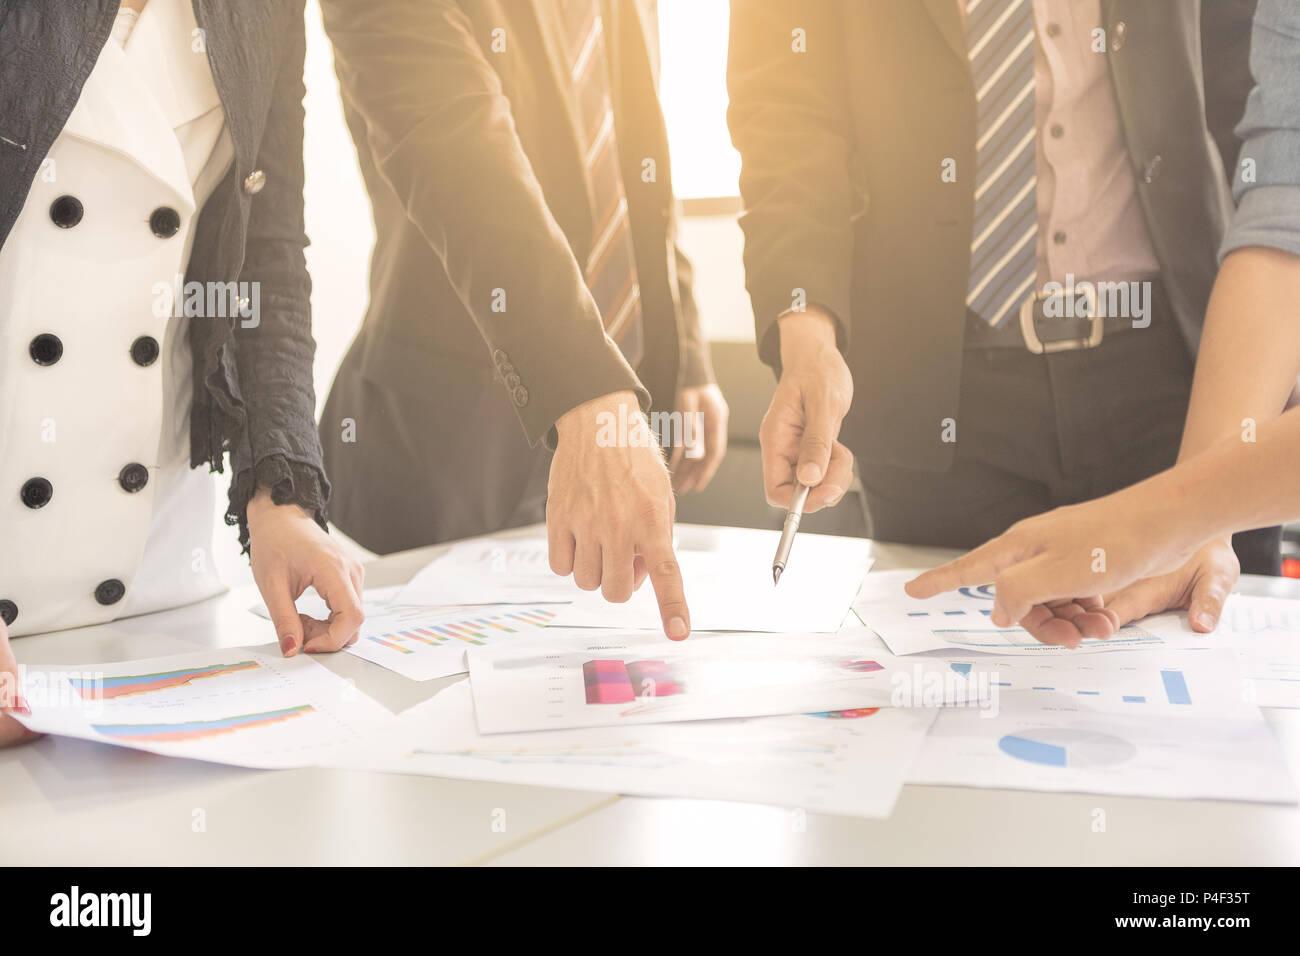 Businessman and woman sont brainstorming sur la nouvelle idée créative à l'esprit d'équipe concept. Photo Stock